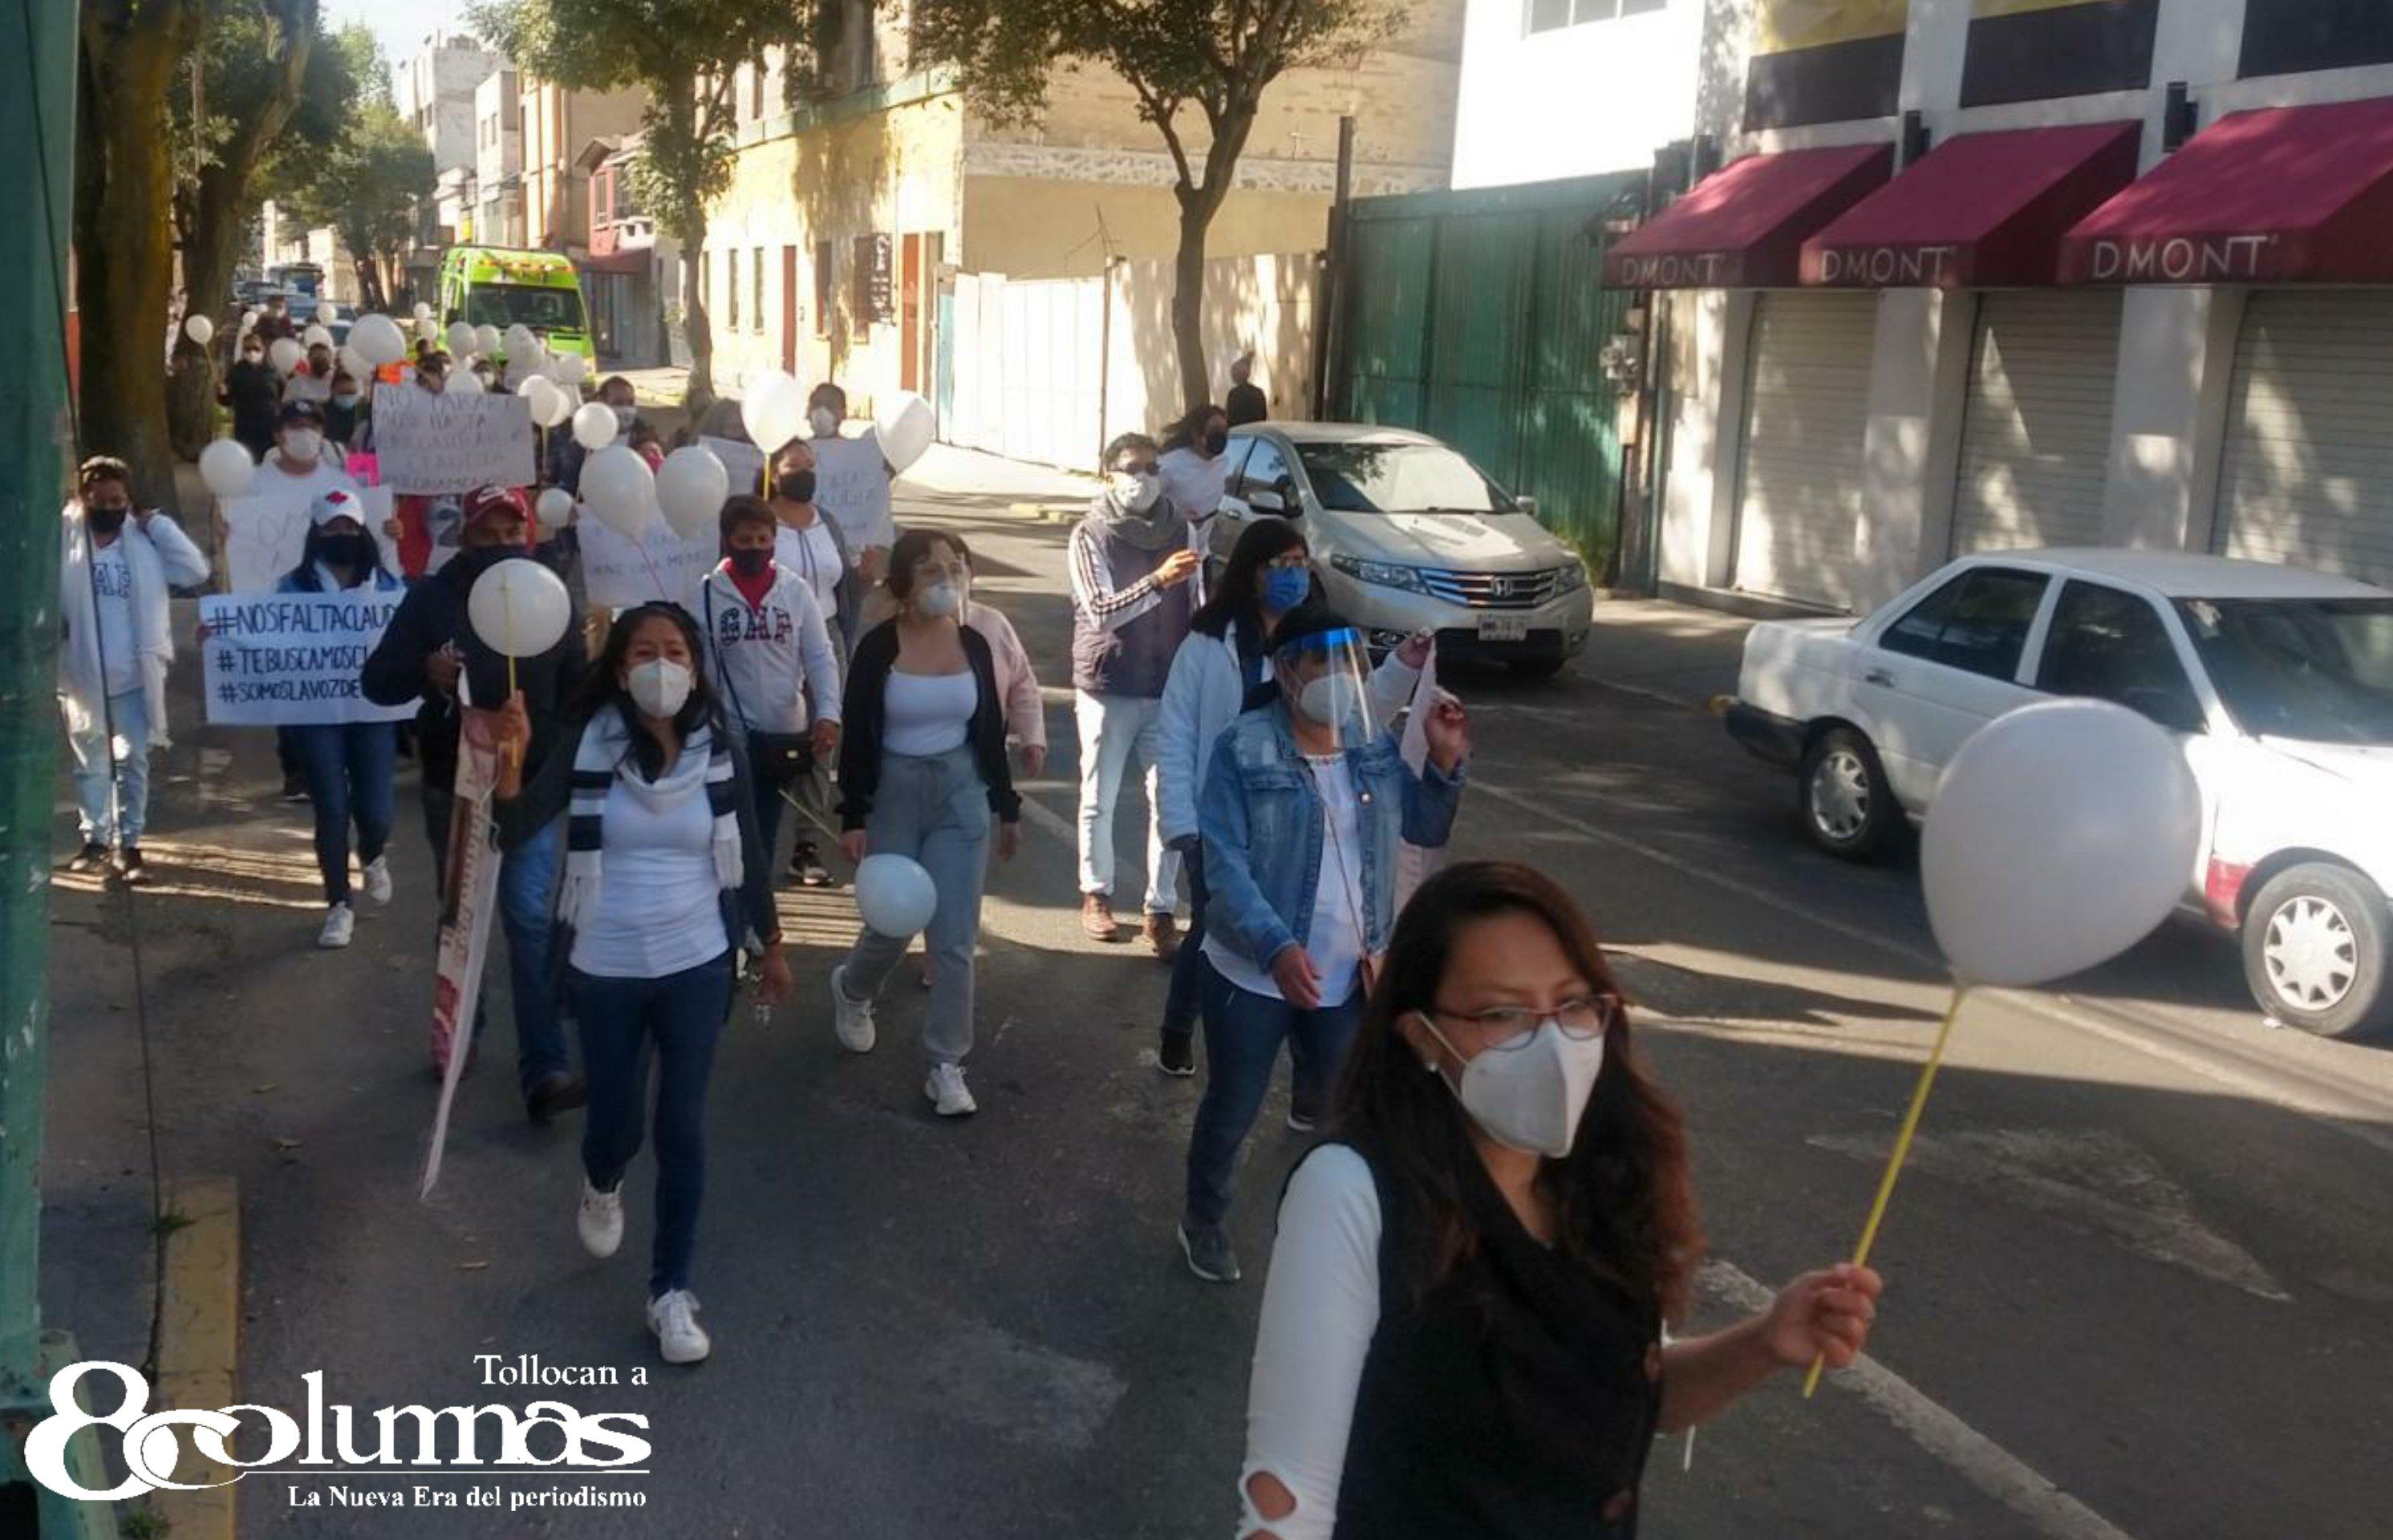 Marchan por Claudia Armada, enfermera desaparecida en Toluca - Oct 25, 2020